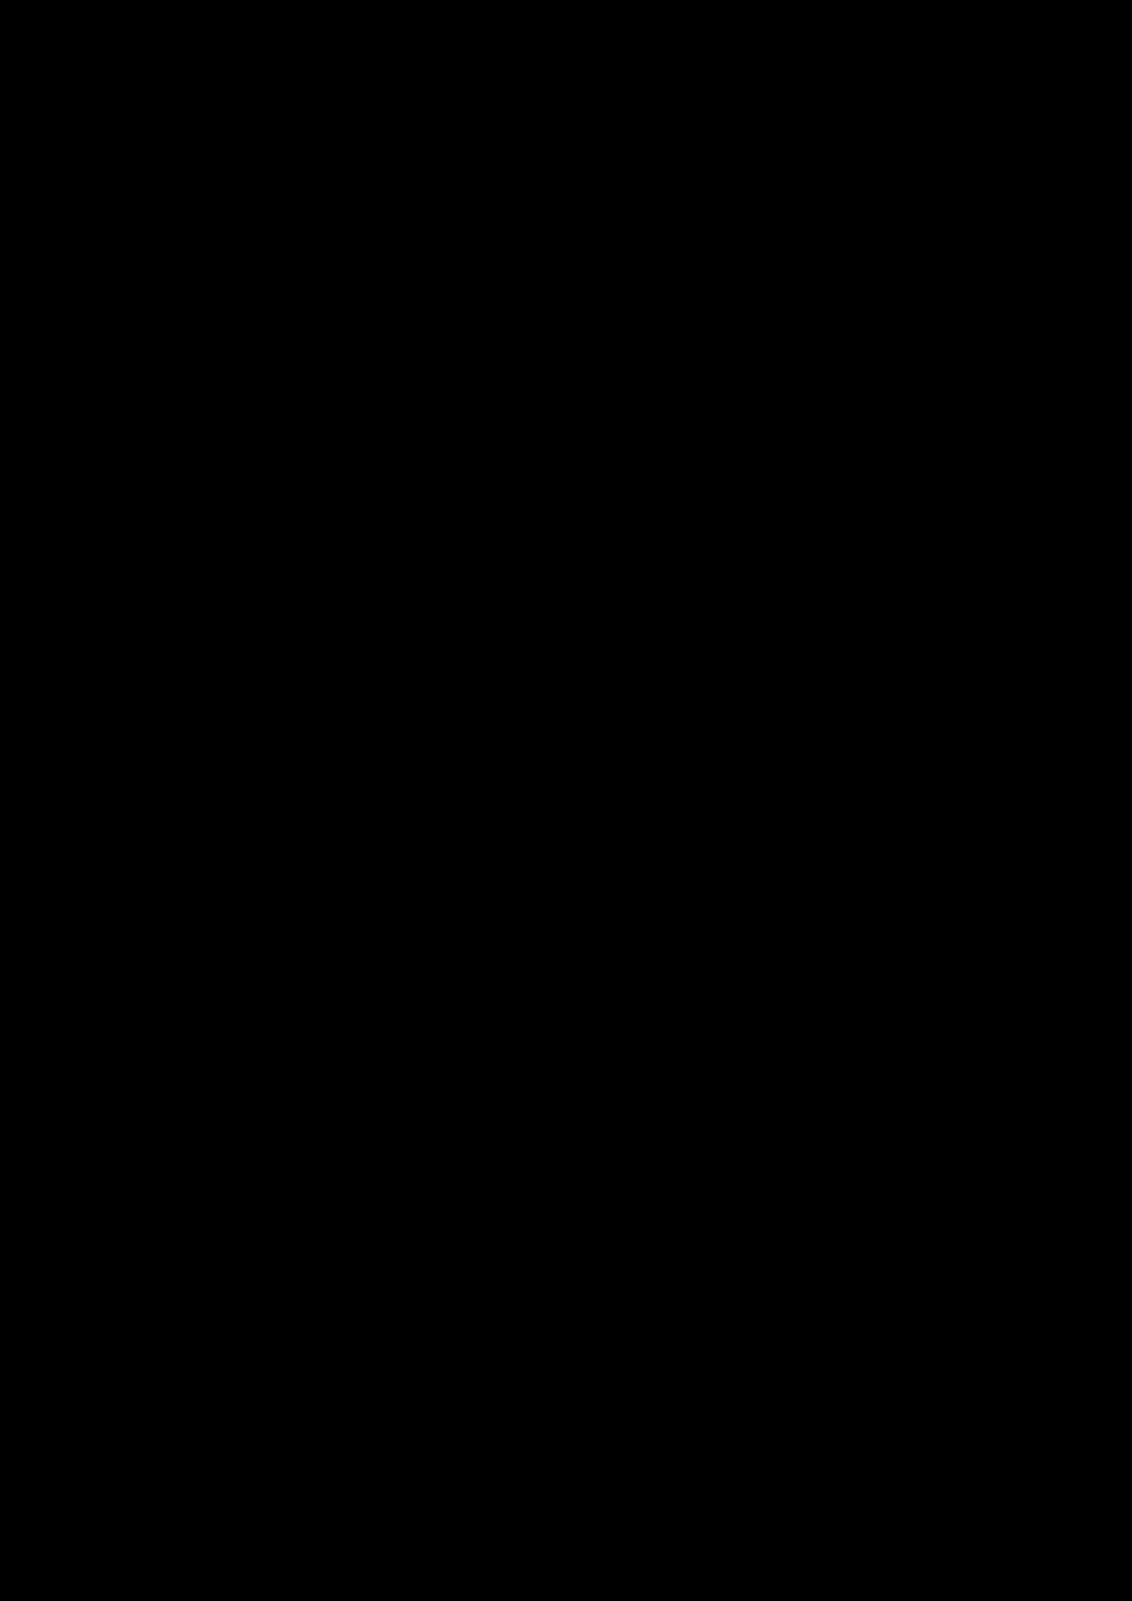 Vyibor Est slide, Image 57